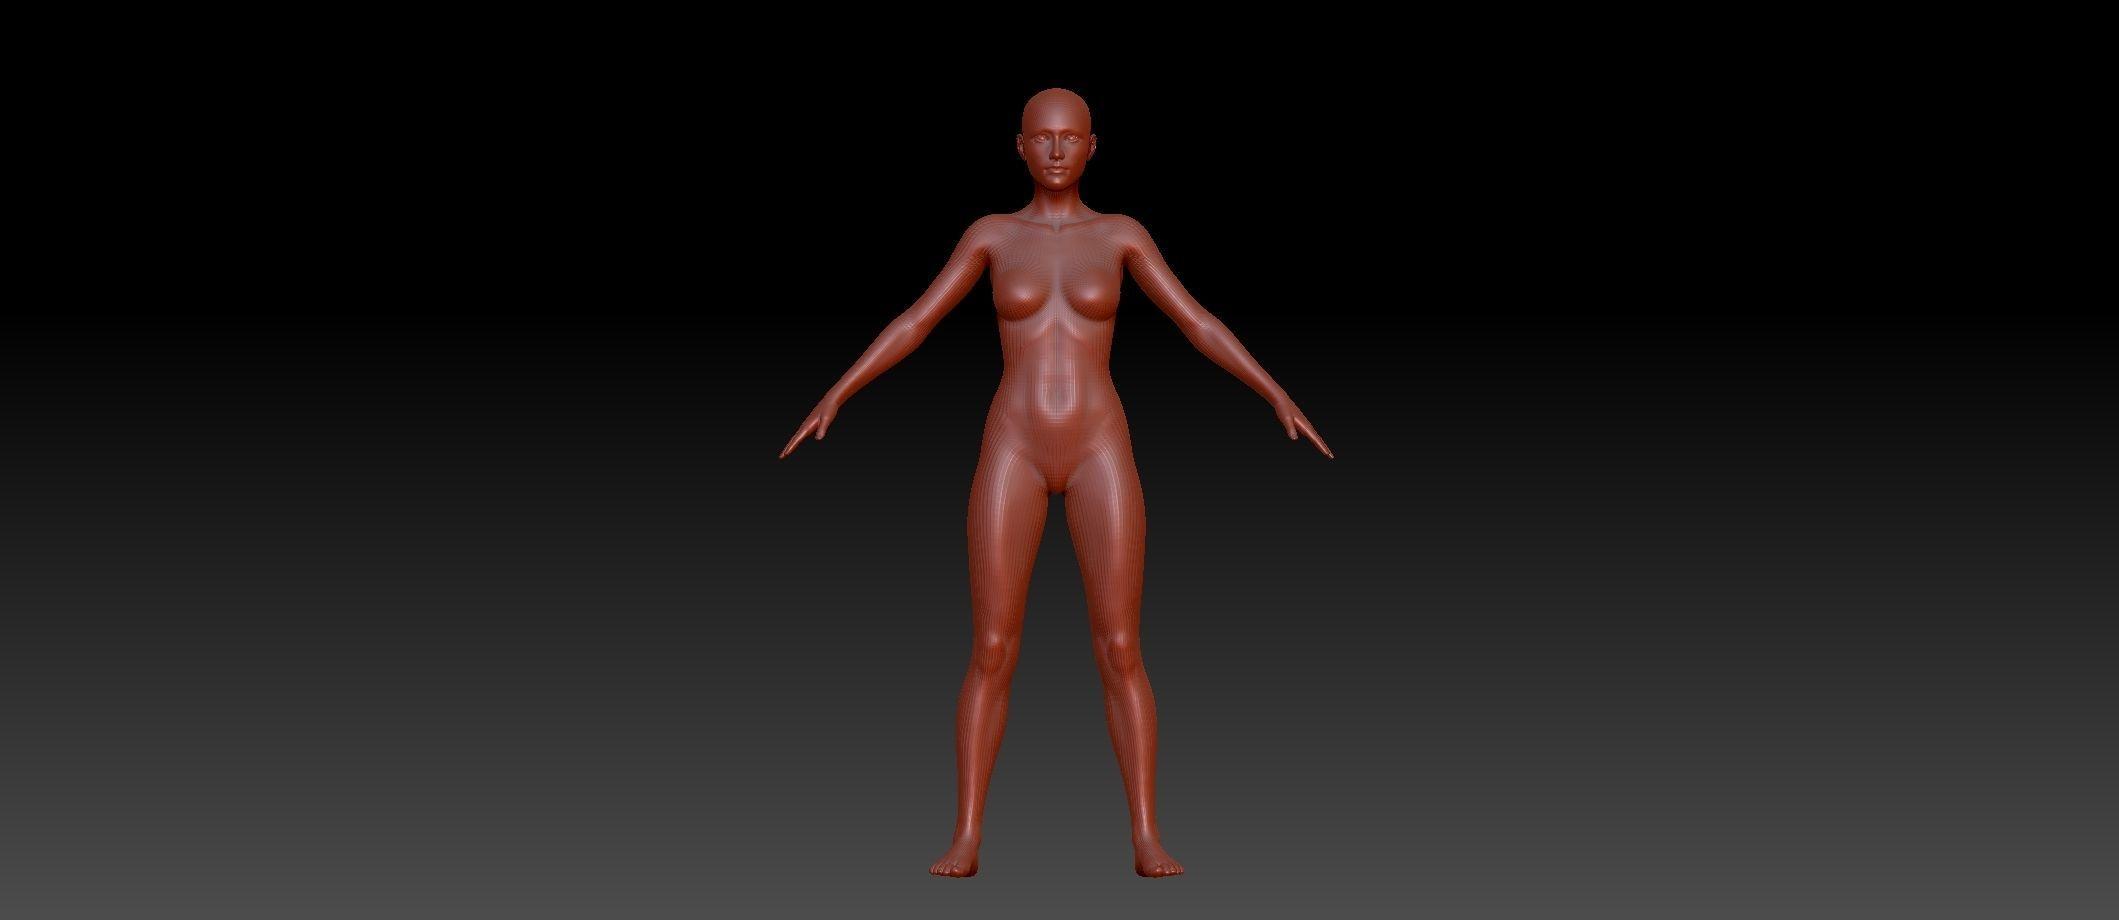 Base female Anatomy